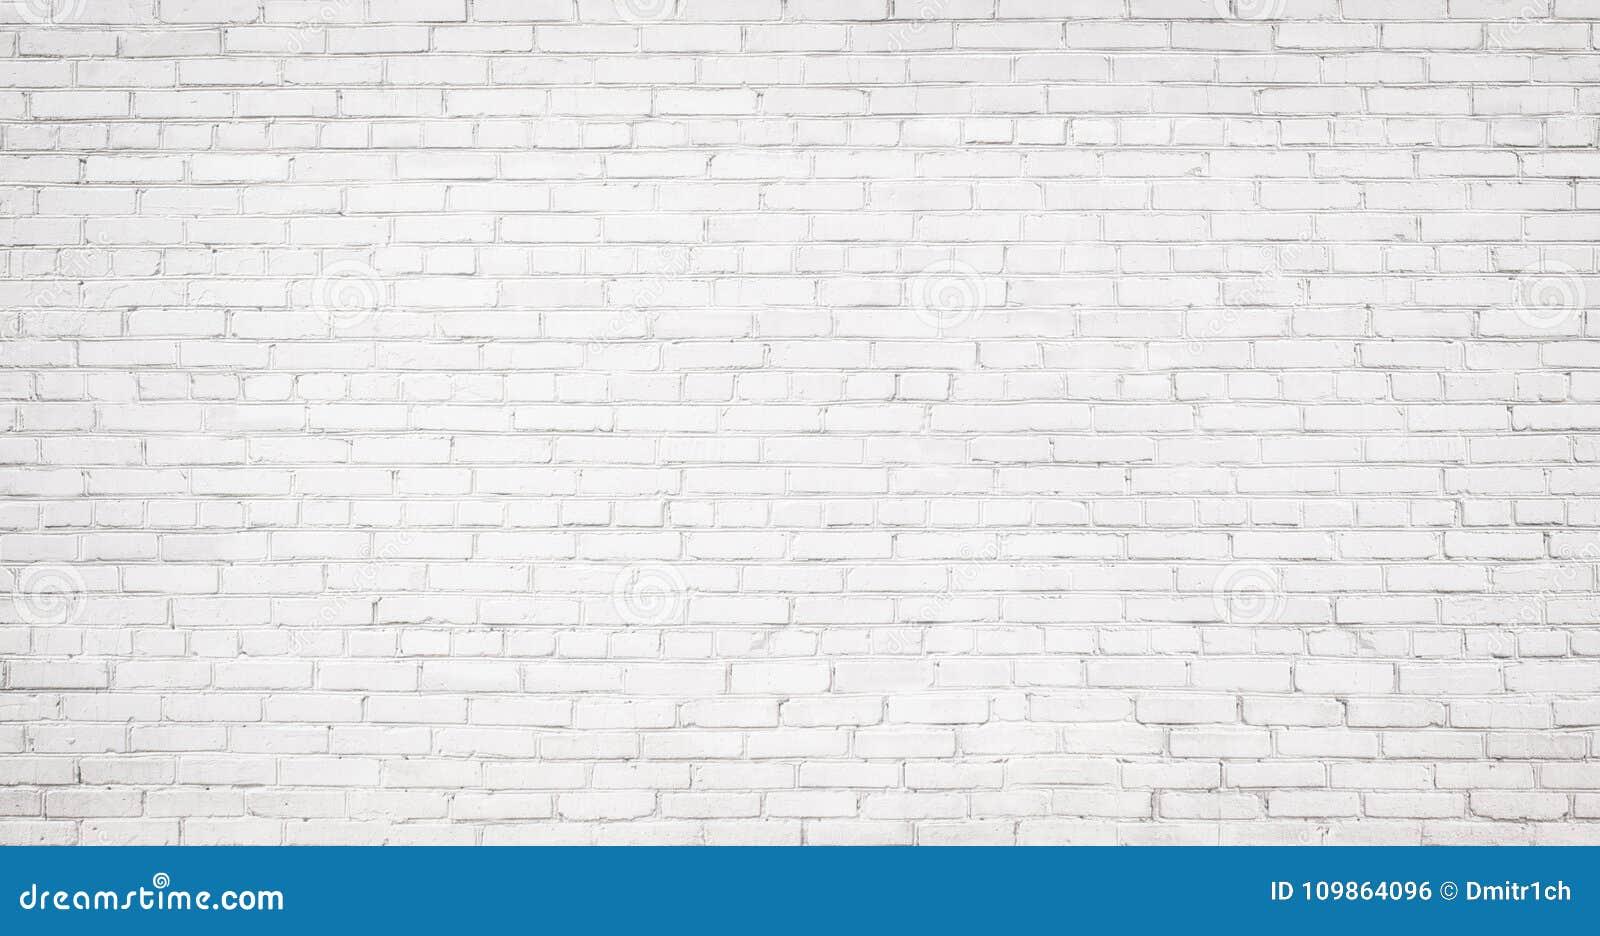 Viejo fondo blanco de la pared de ladrillo, textura del vintage del brickw ligero